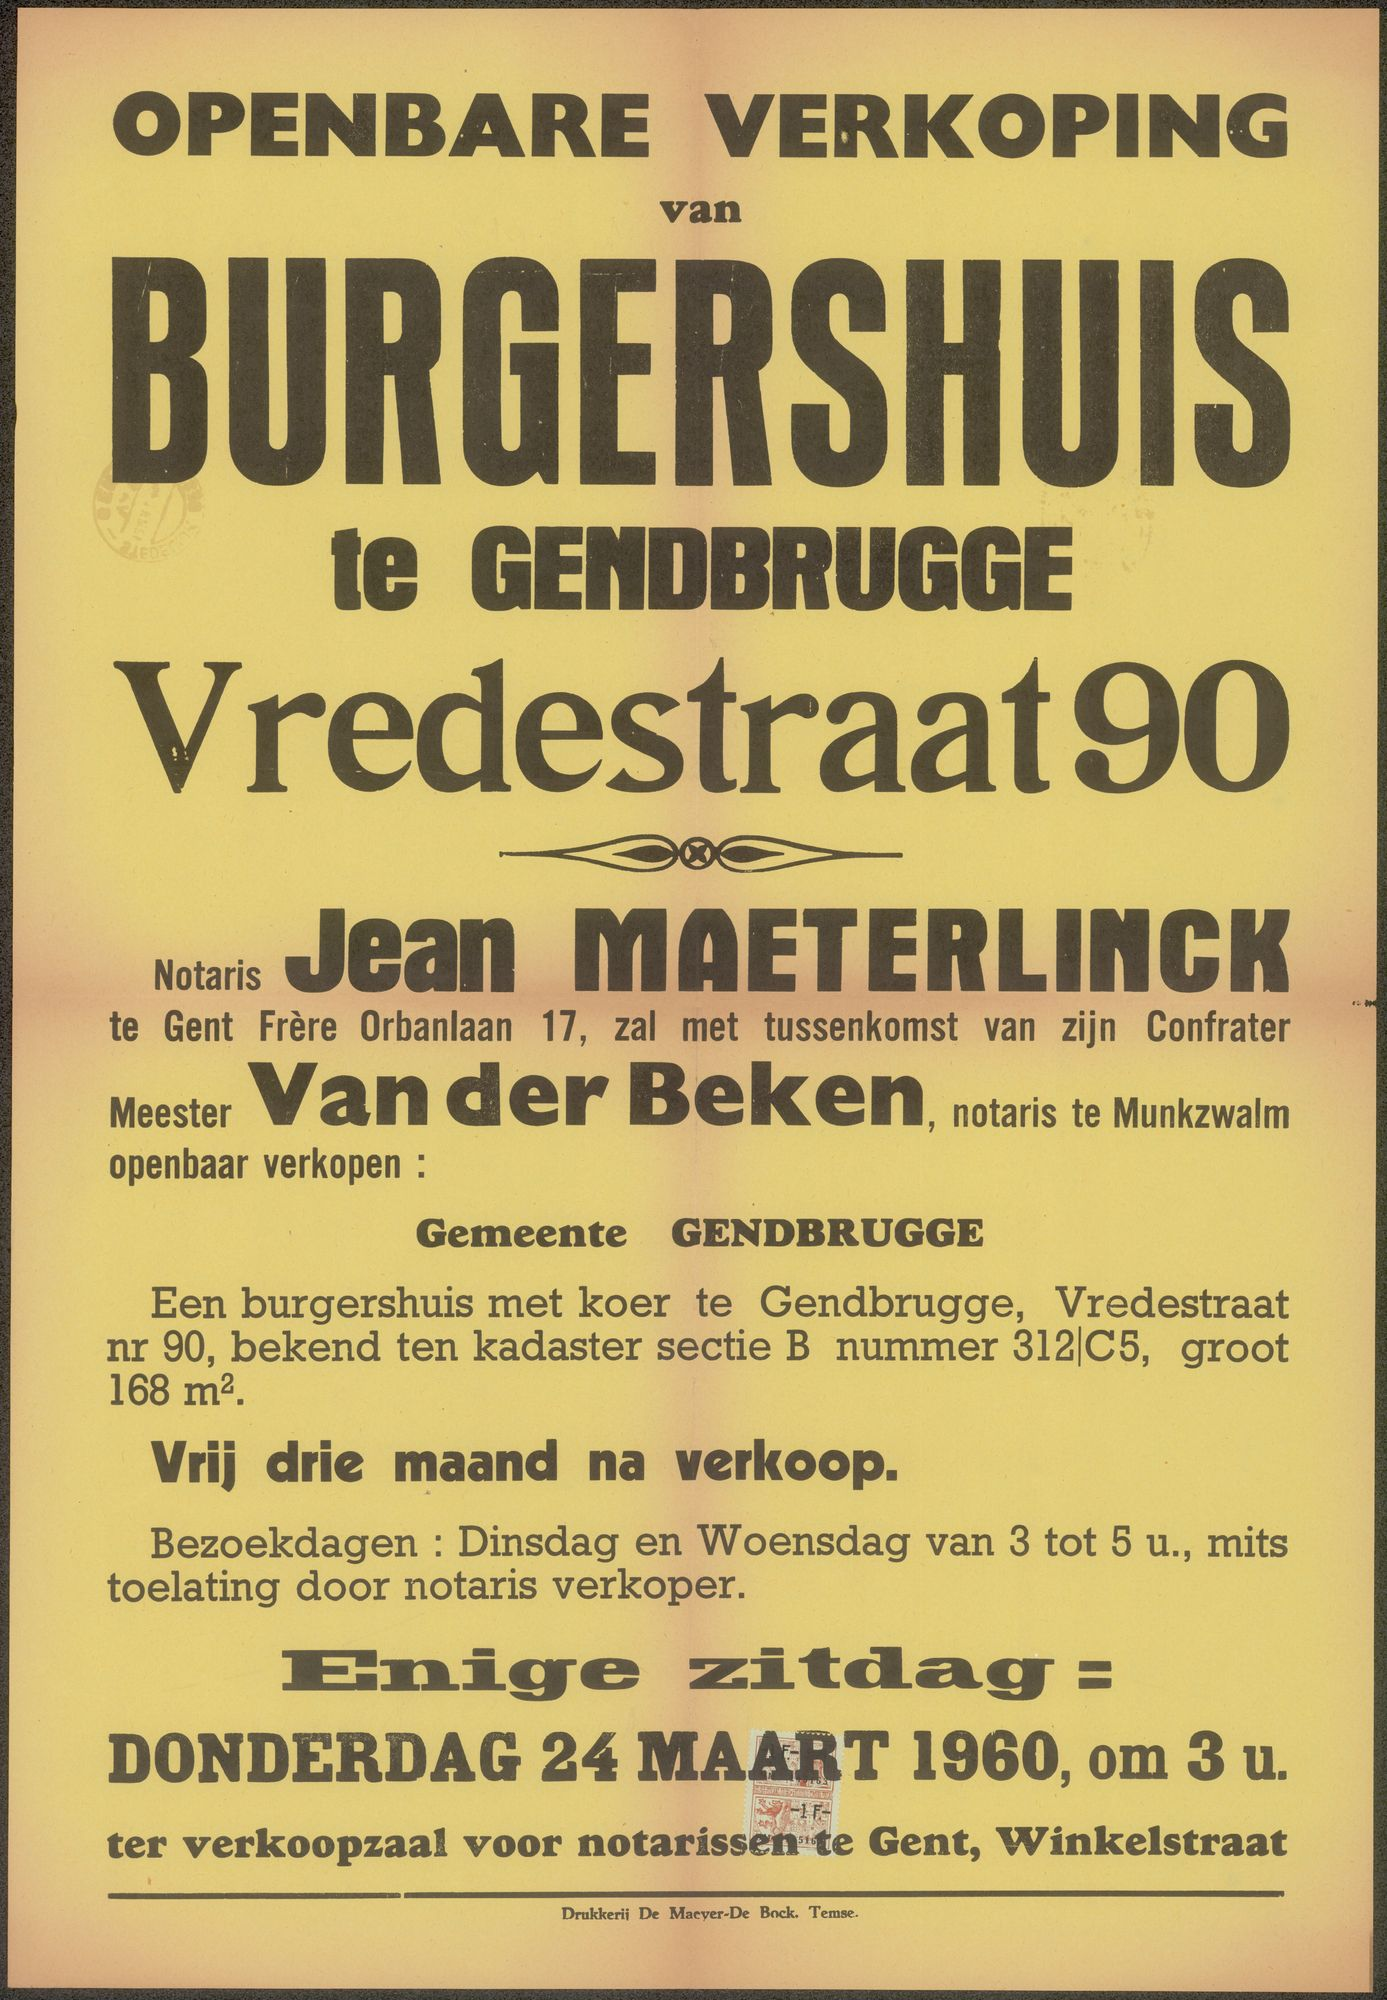 Openbare verkoop van burgershuis te Gendbrugge (Gentbrugge), Vredestraat, nr. 90, Gent, 24 maart 1960